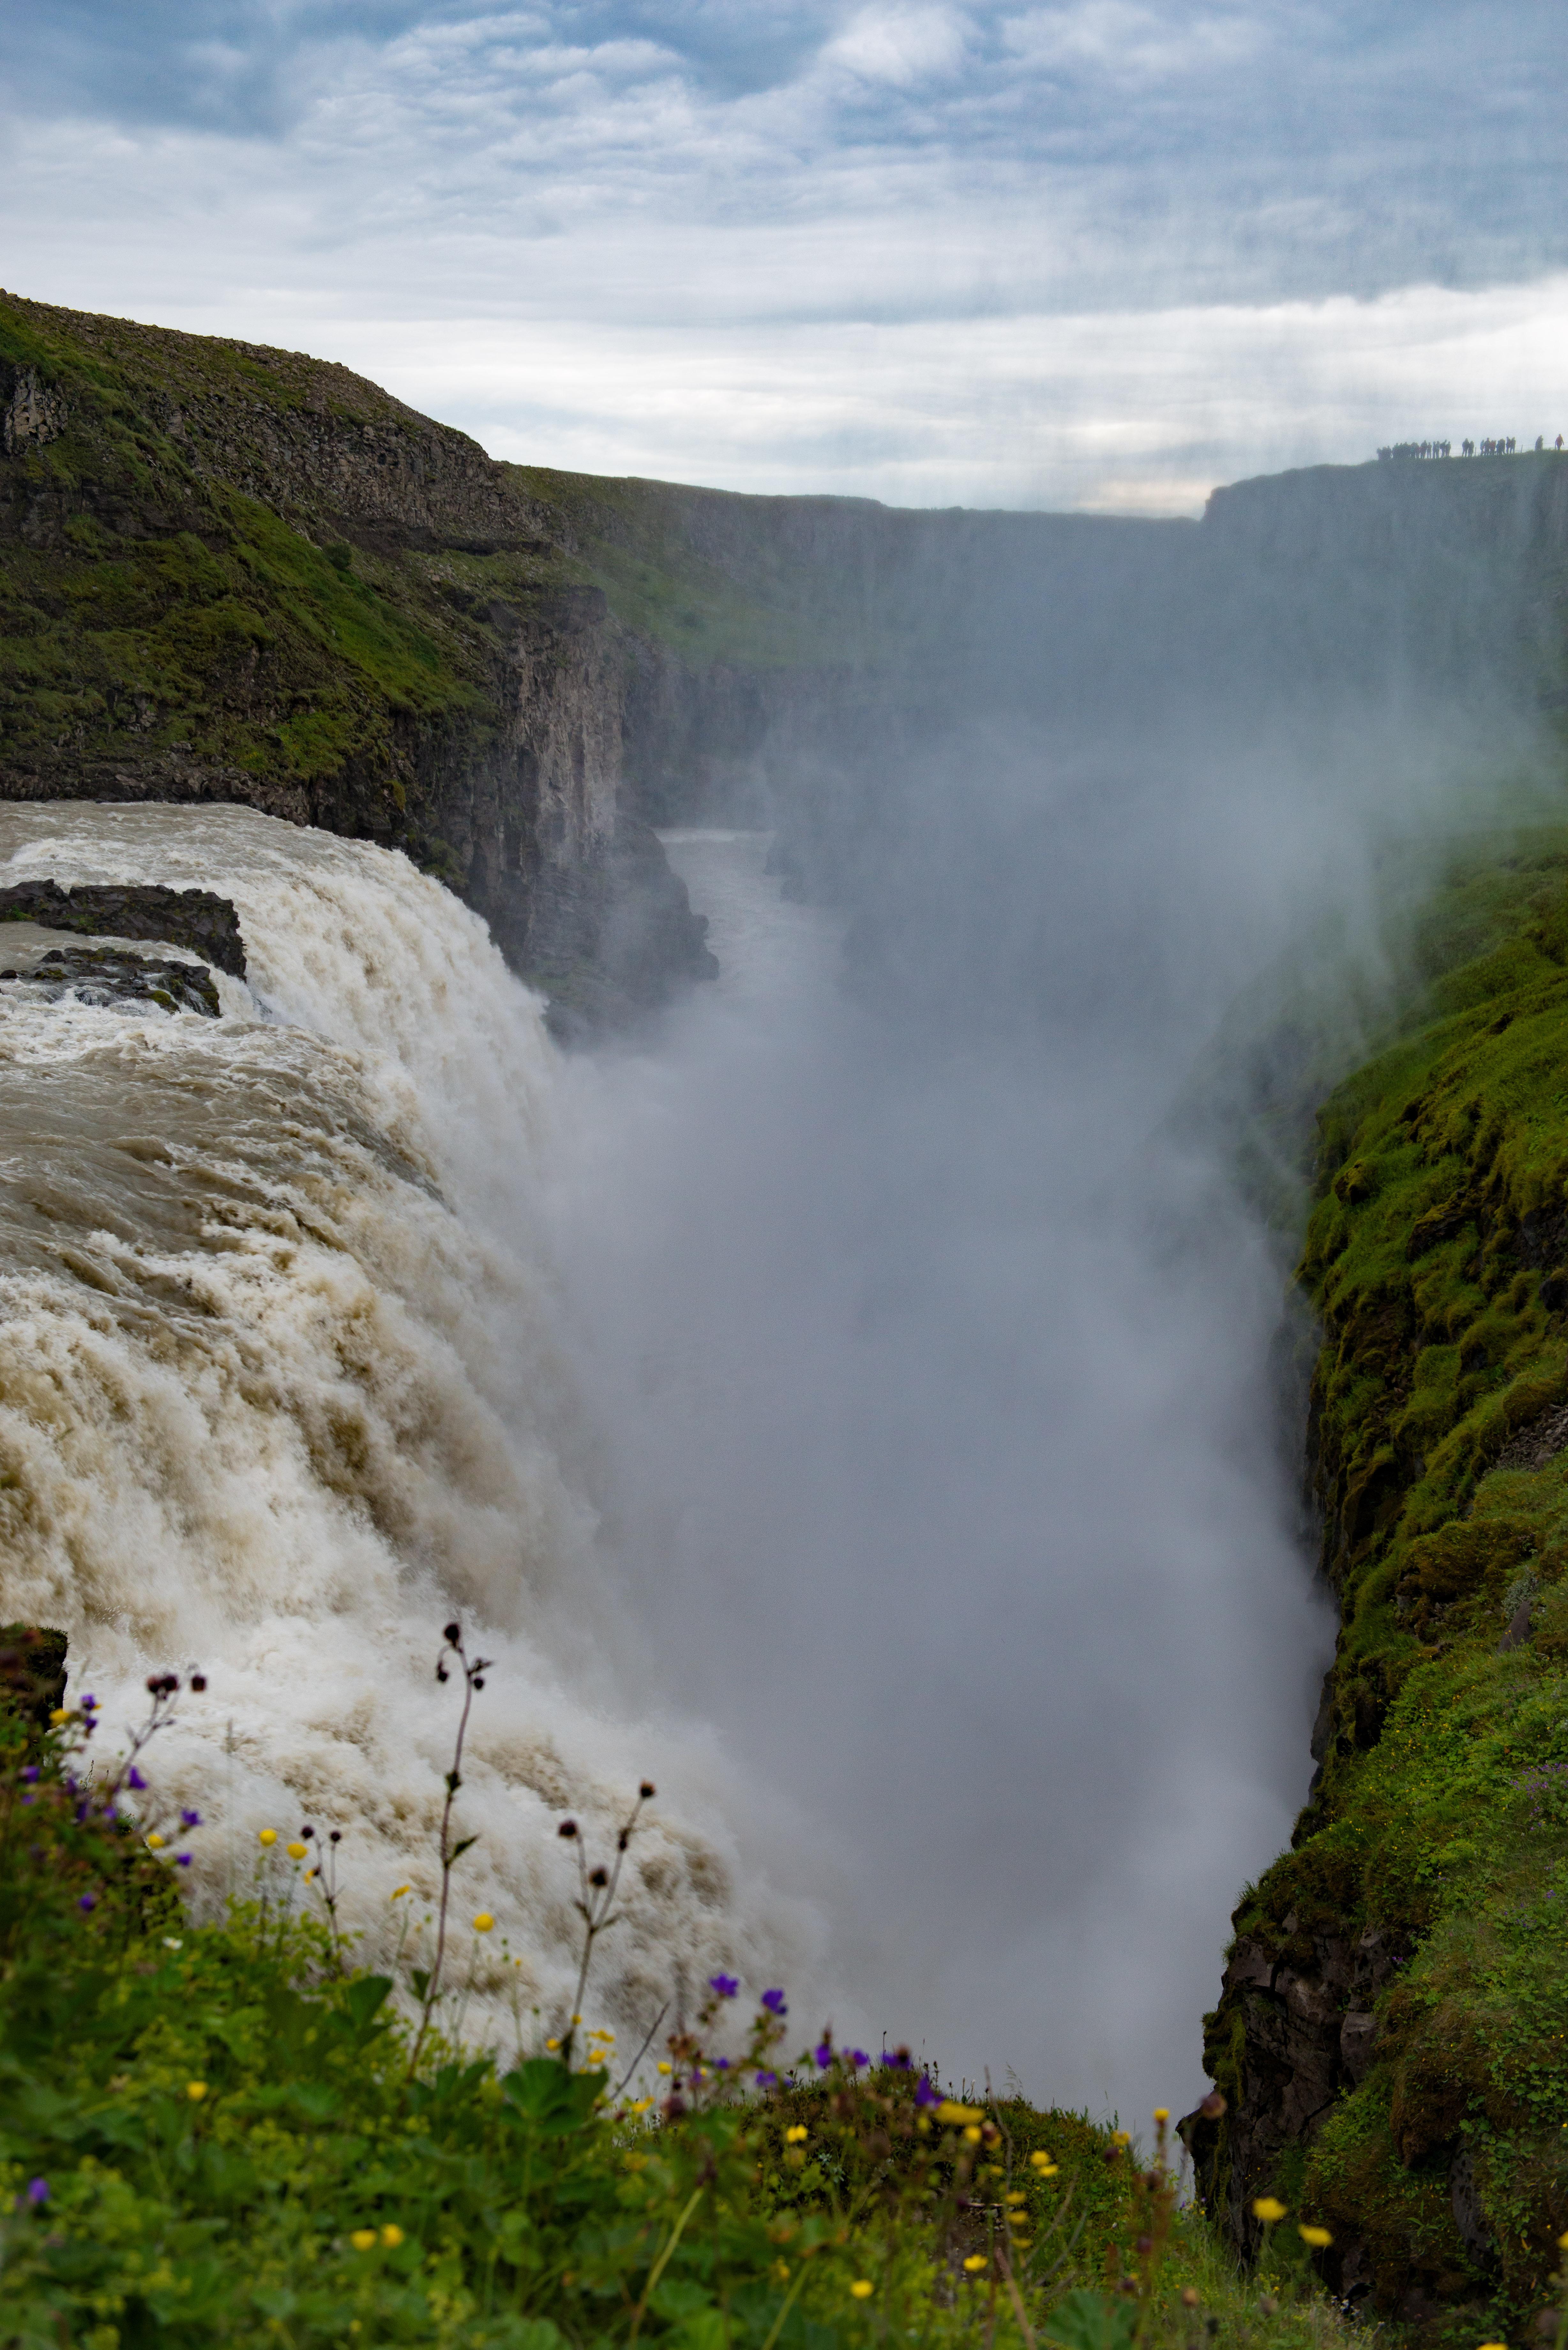 #gullfoss, #powerful, #nature, #iceland, #waterfall, #safety